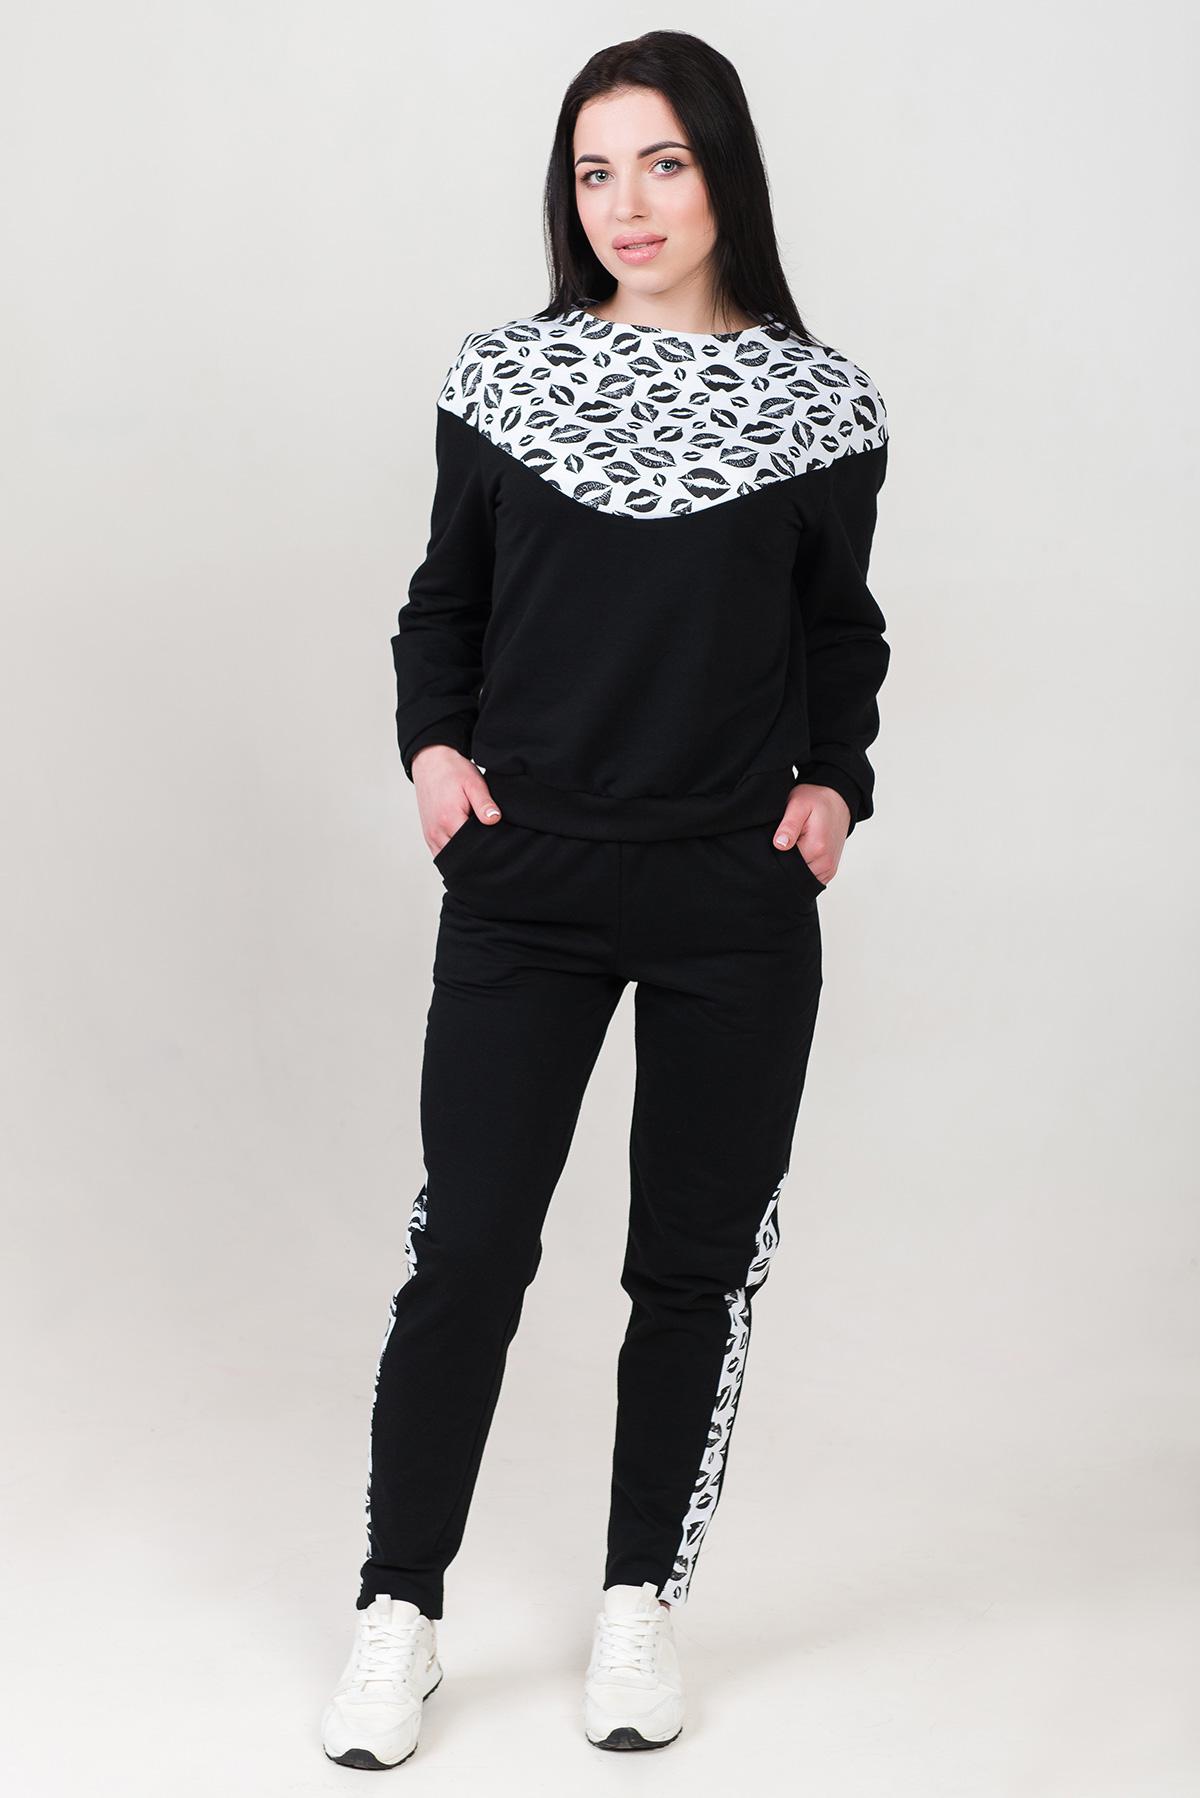 Жен. костюм арт. 19-0296 Черный р. 44 Шарлиз